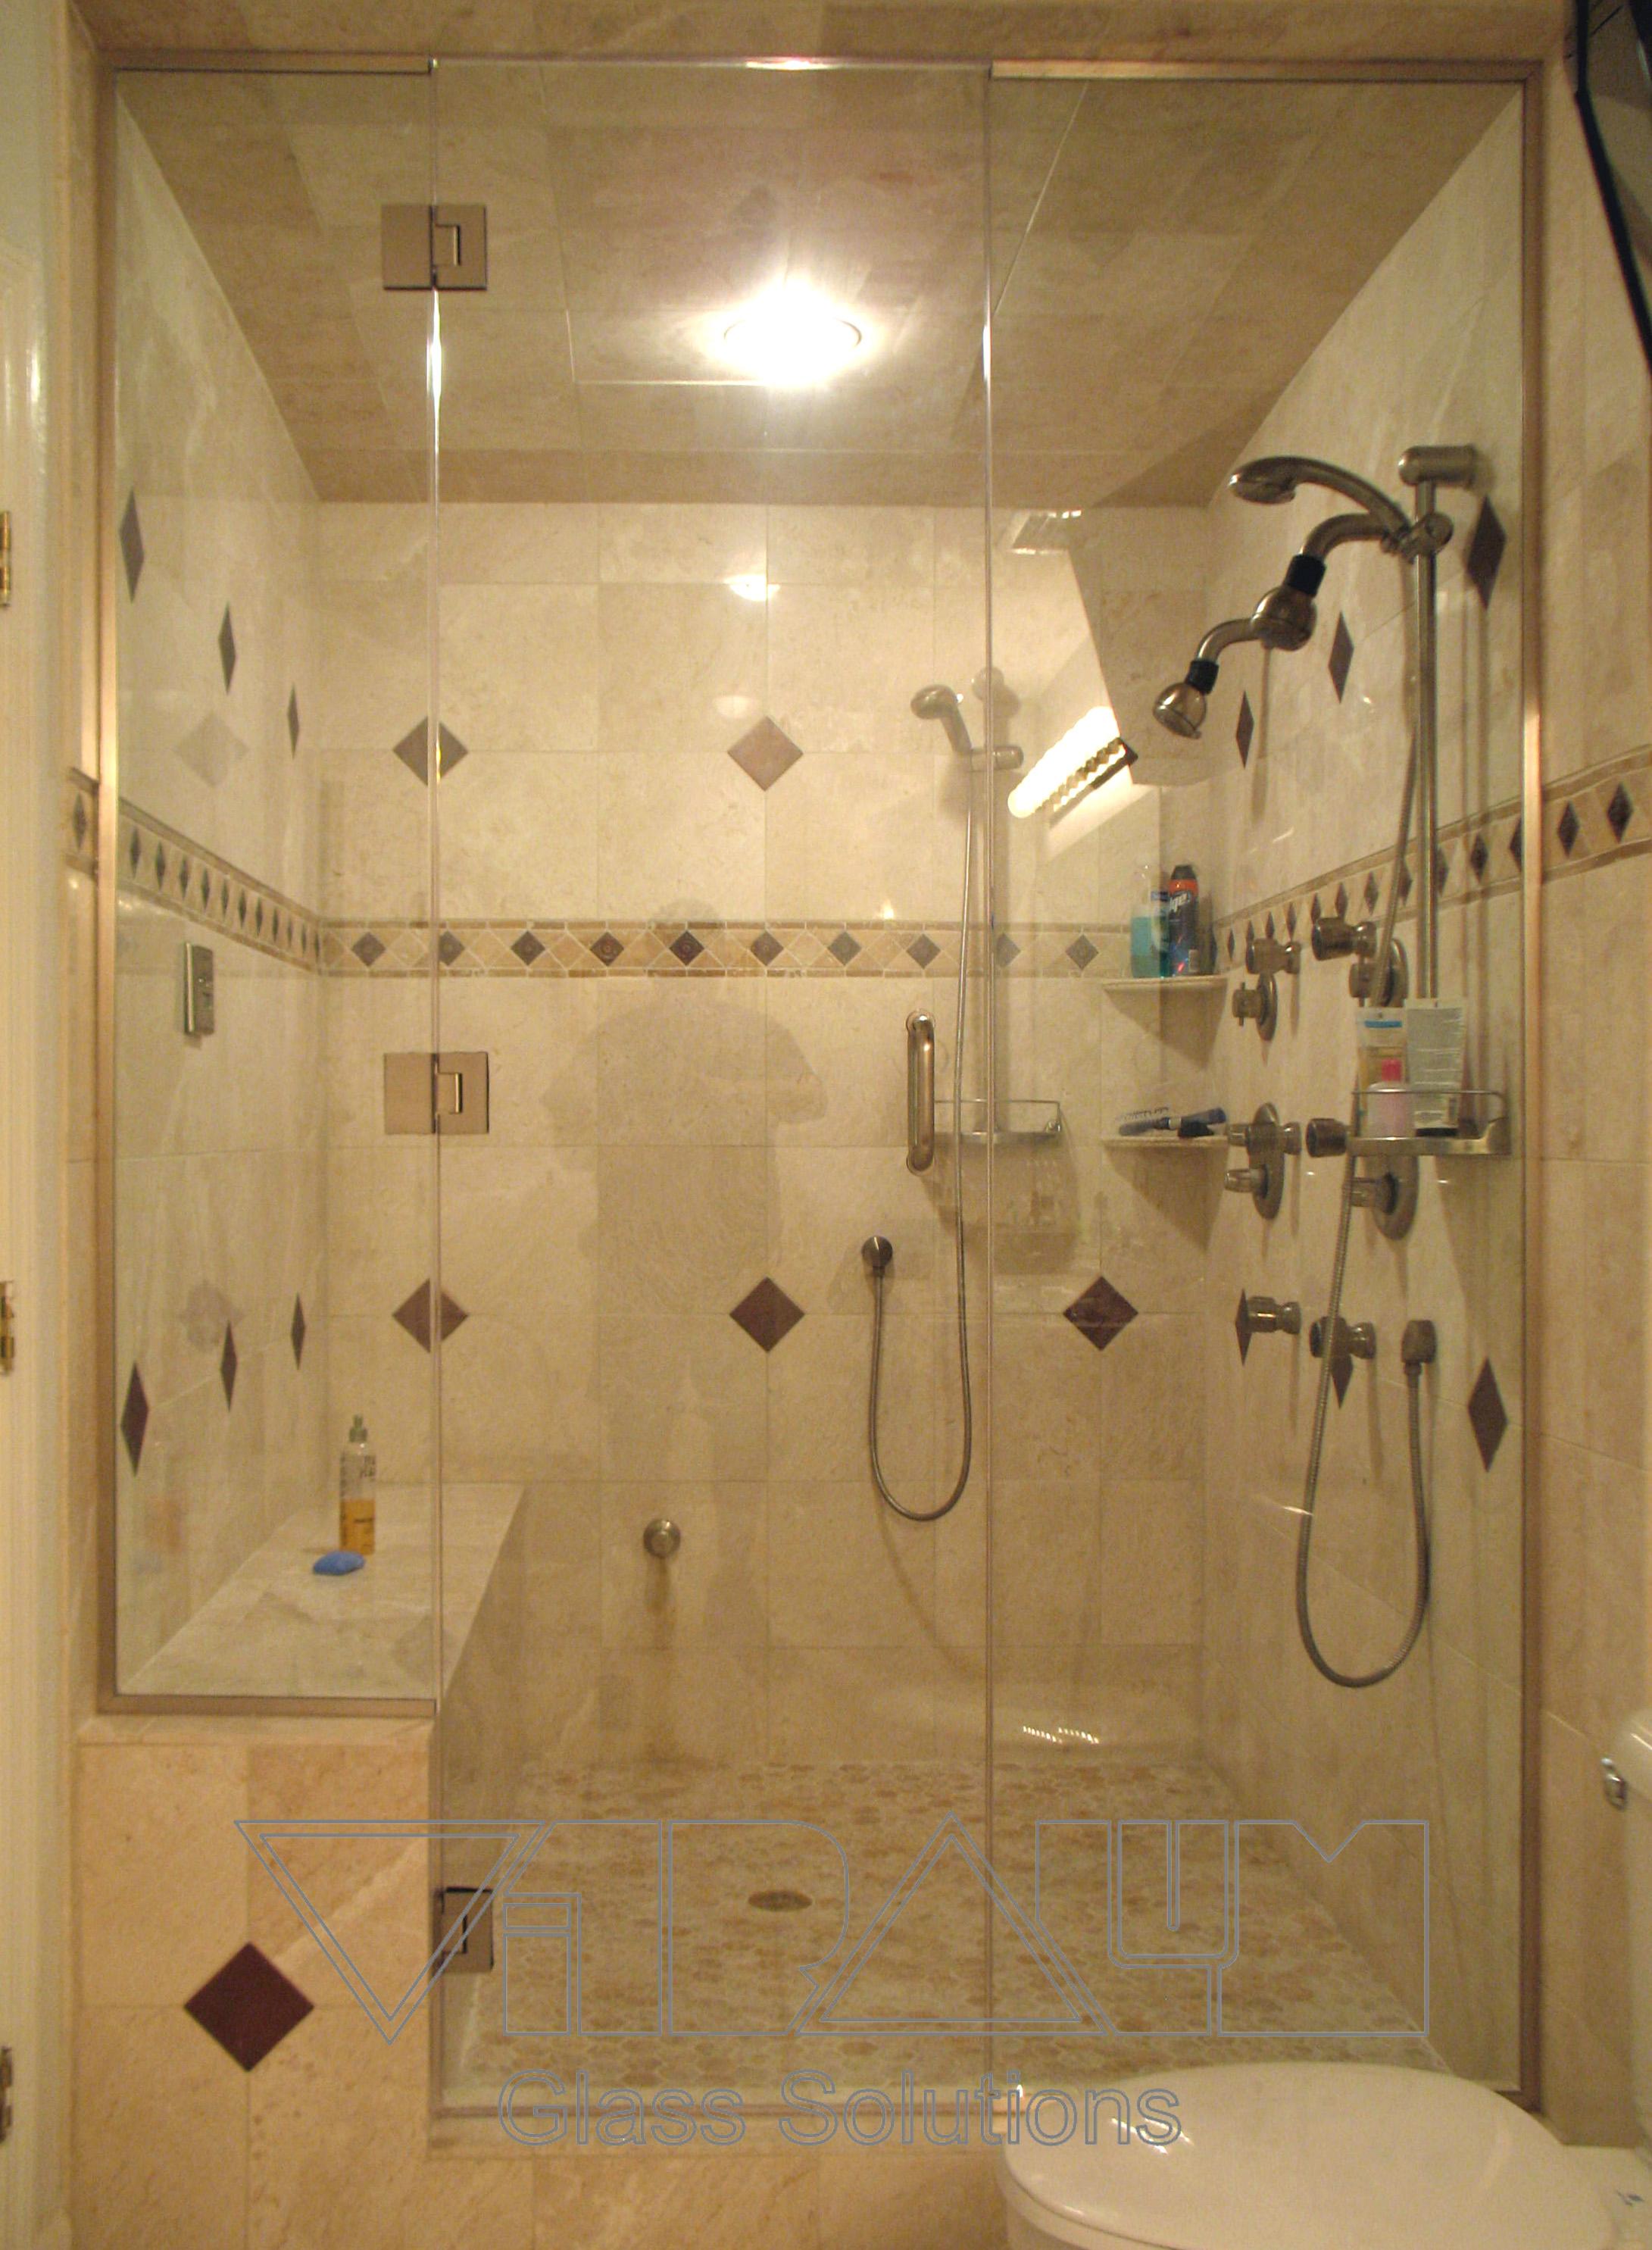 Orlando Frameless Shower Doors Bathroom Glass Enclosures Florida